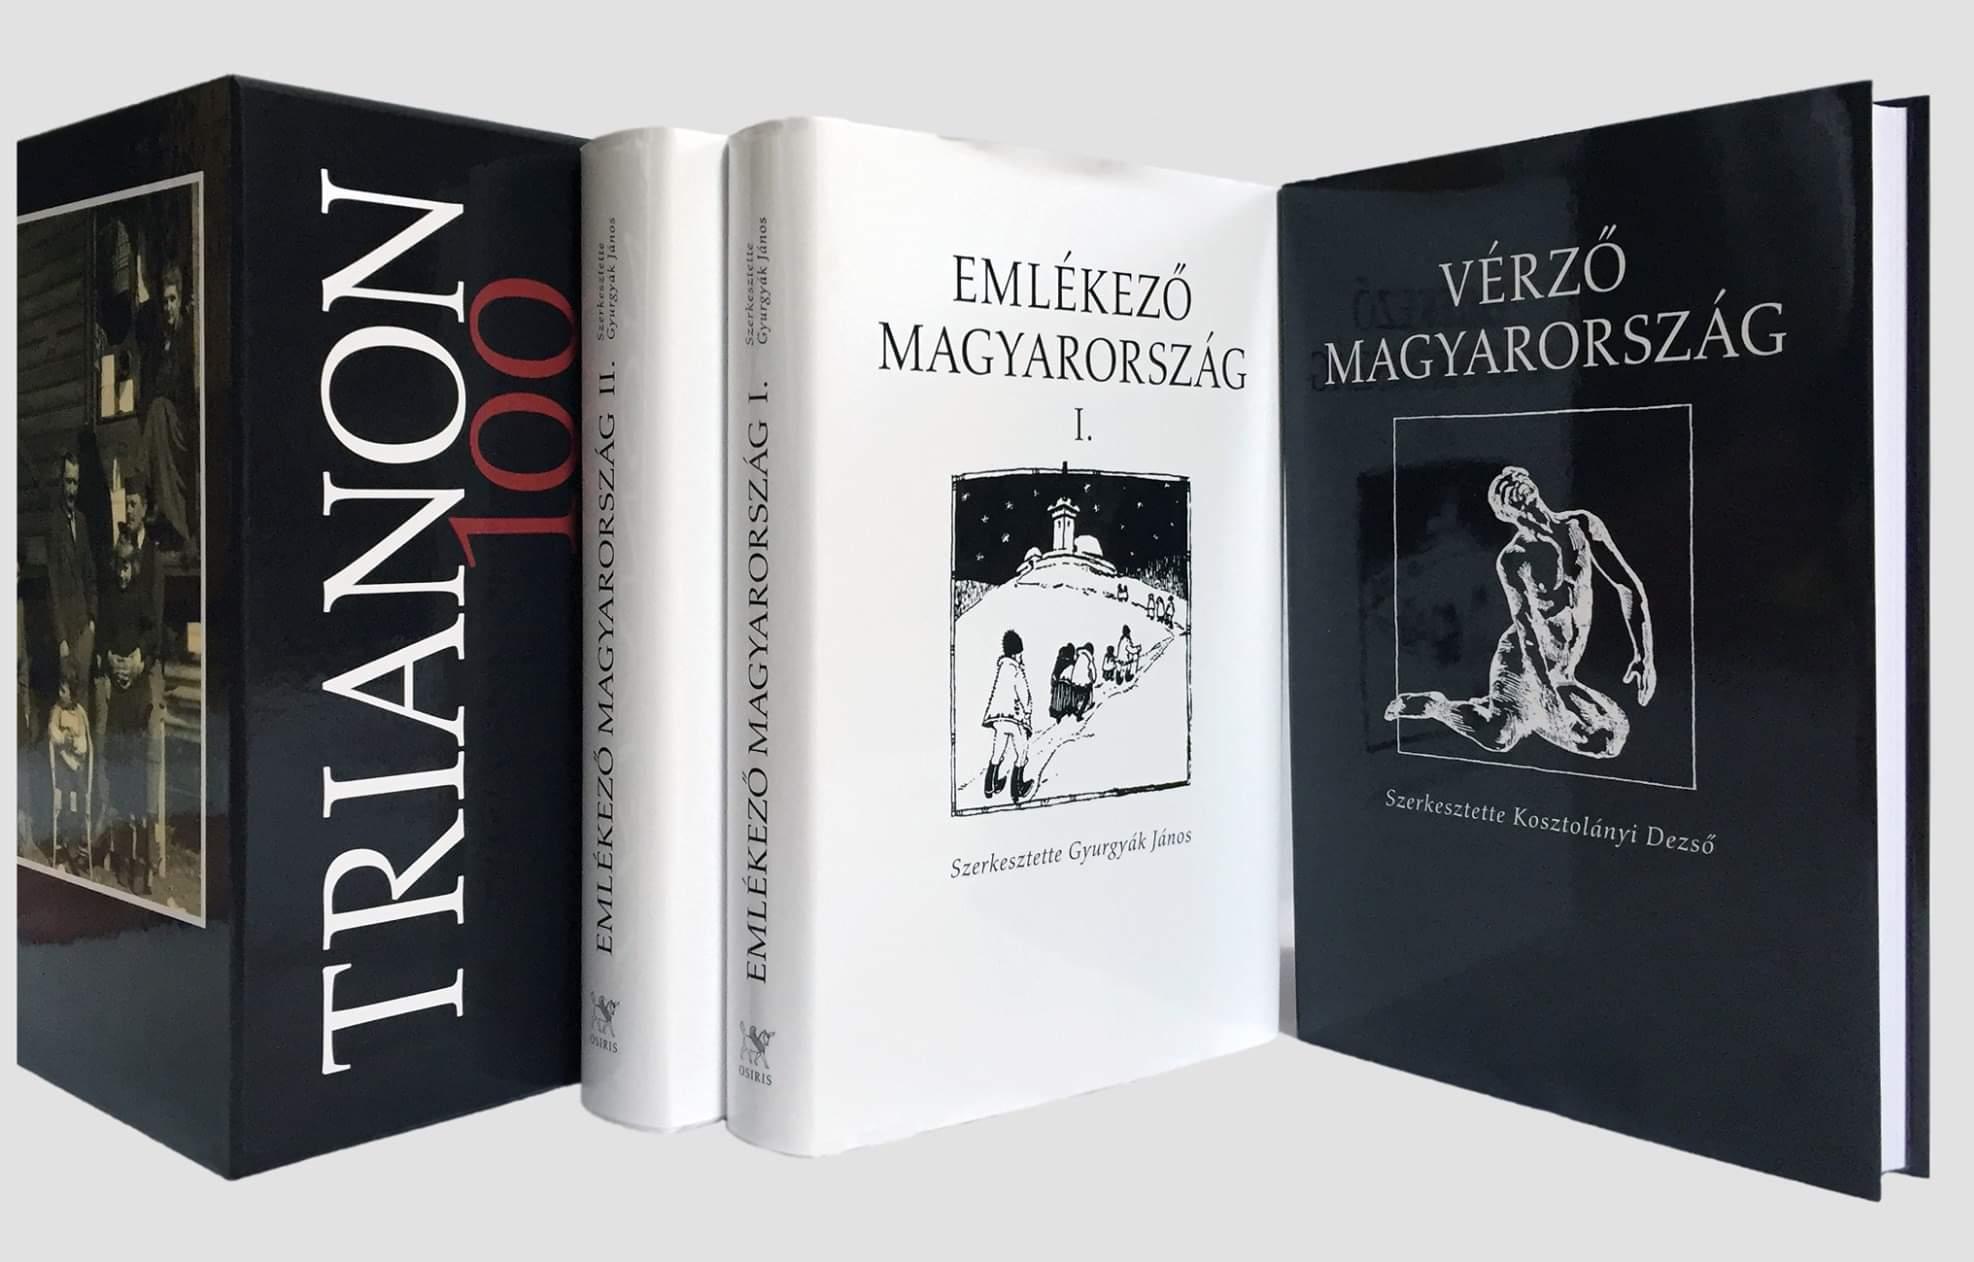 Trianon 100 - Vérző Magyarország; Emlékező Magyarország 1-2.